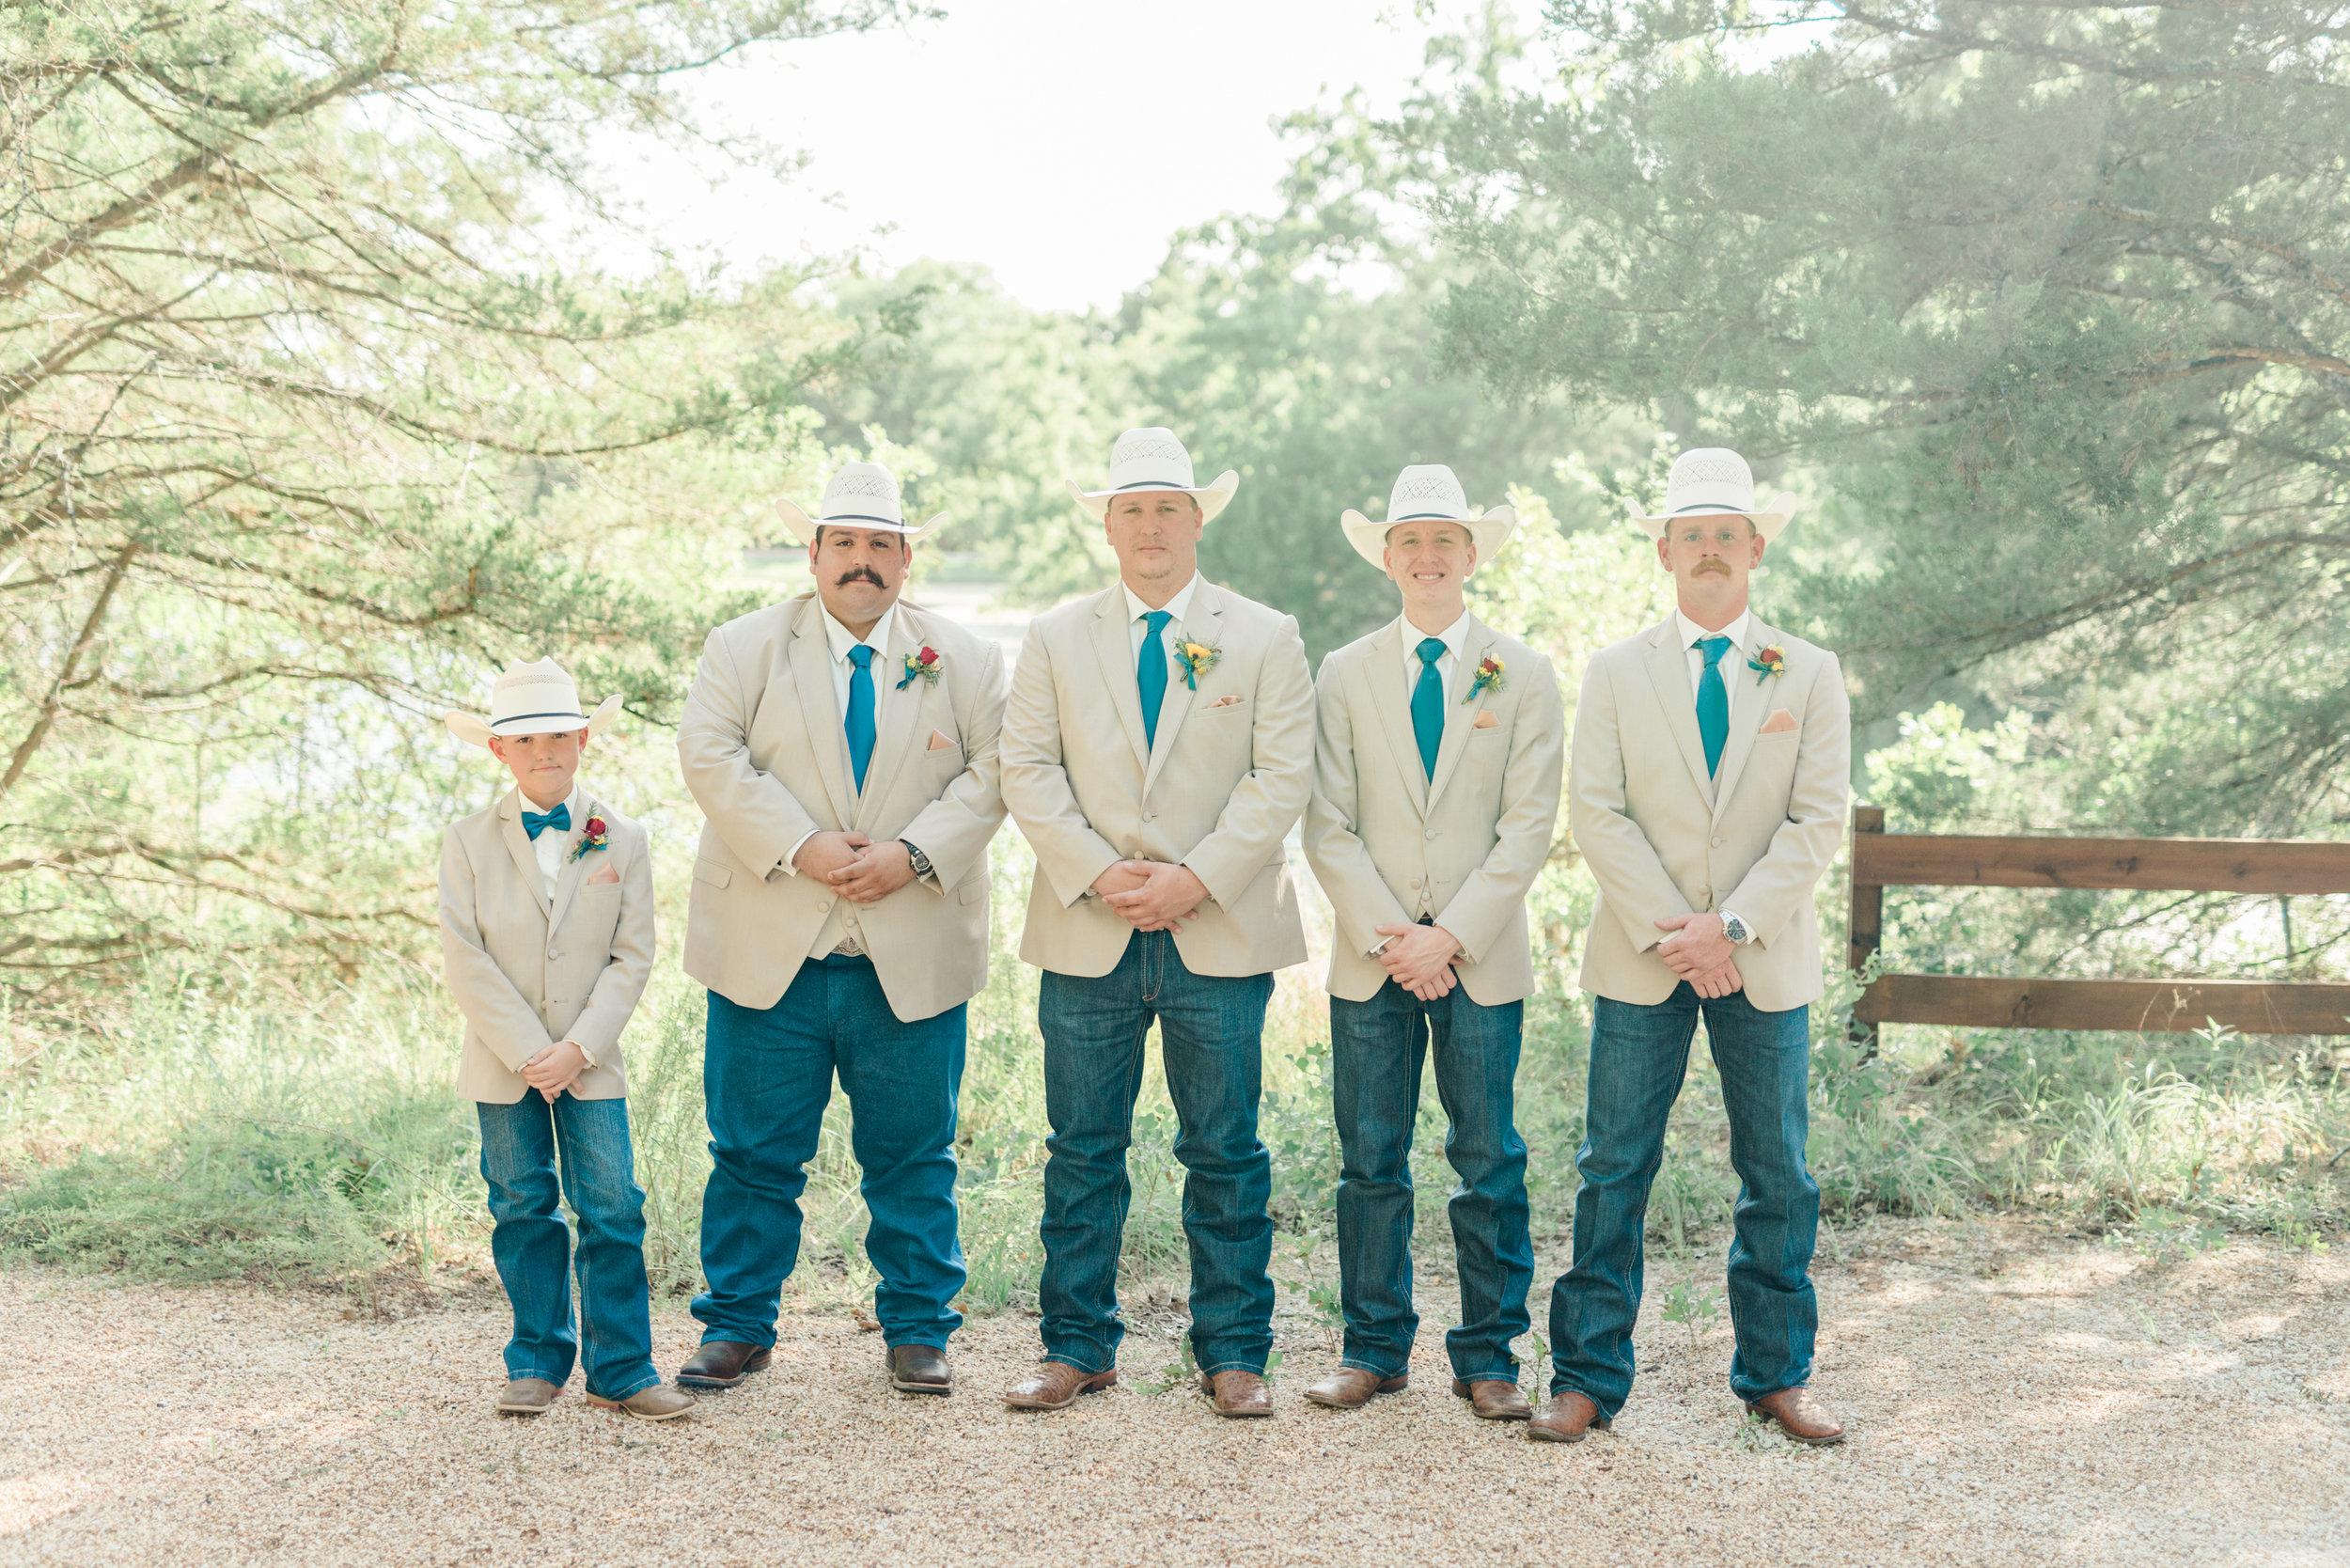 Wesley-Wedding-Ten23-Photography-408.jpg